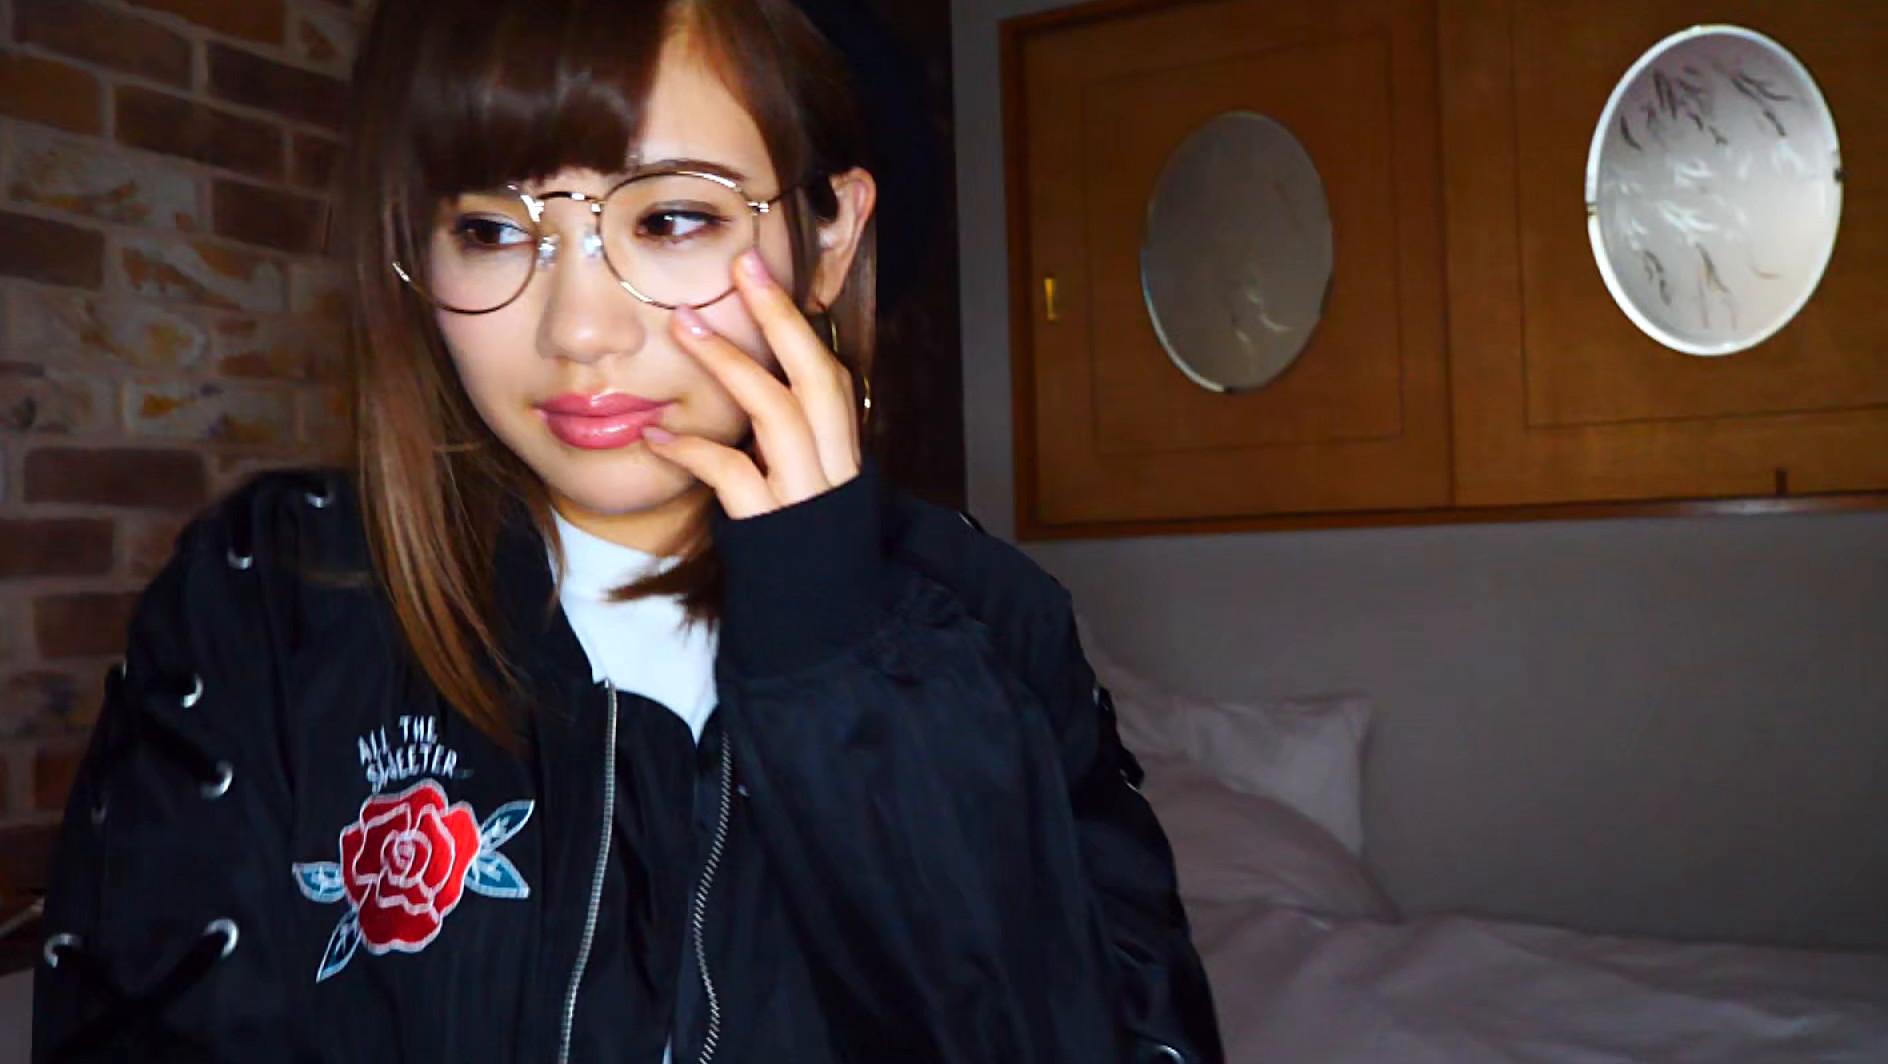 【流出】ハーフ美女のプライベート3P動画 画像1